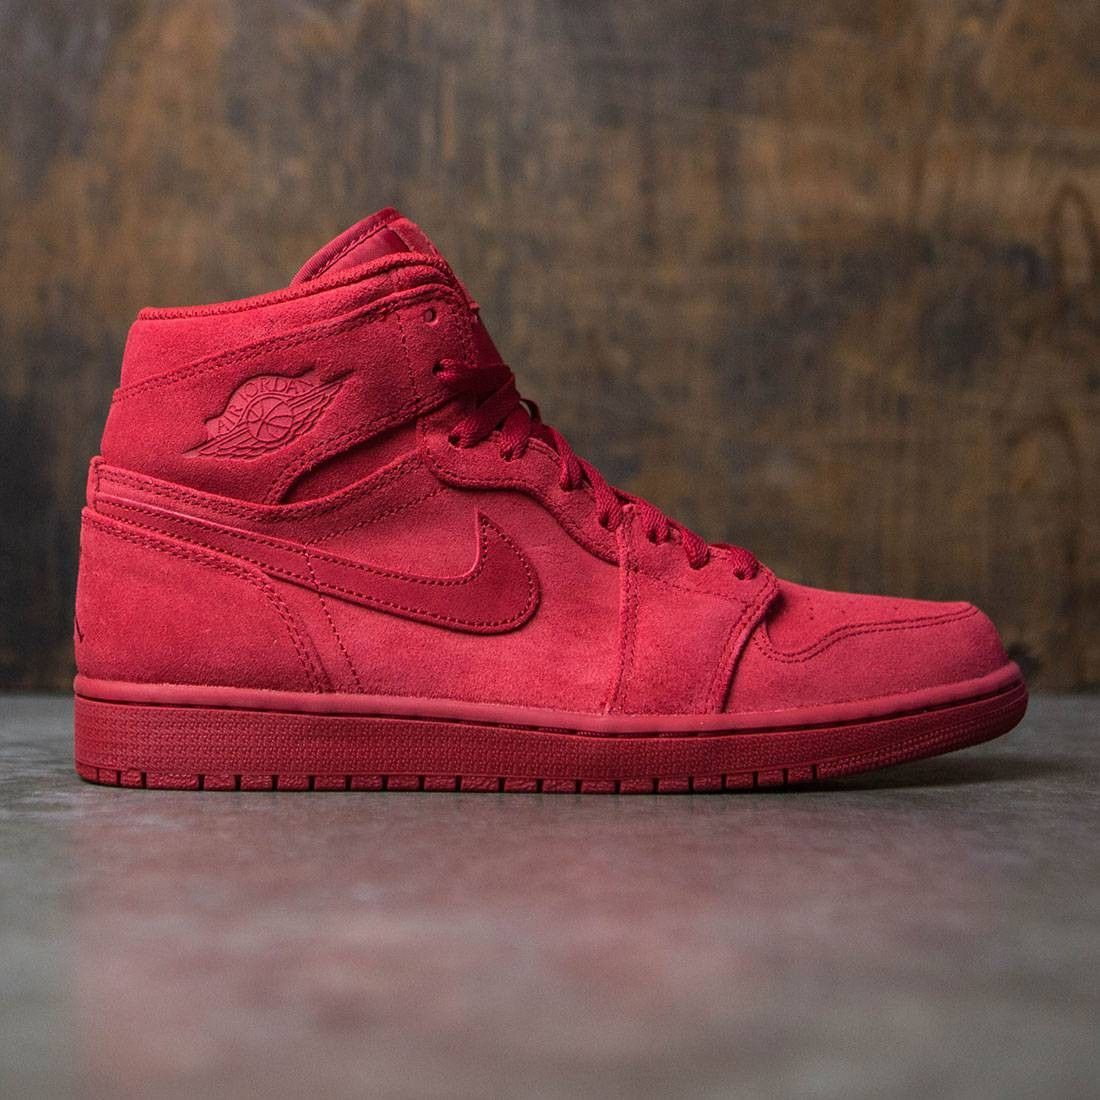 Jordan Men Air Jordan 1 Retro High (red / gym red) | Air jordans ...